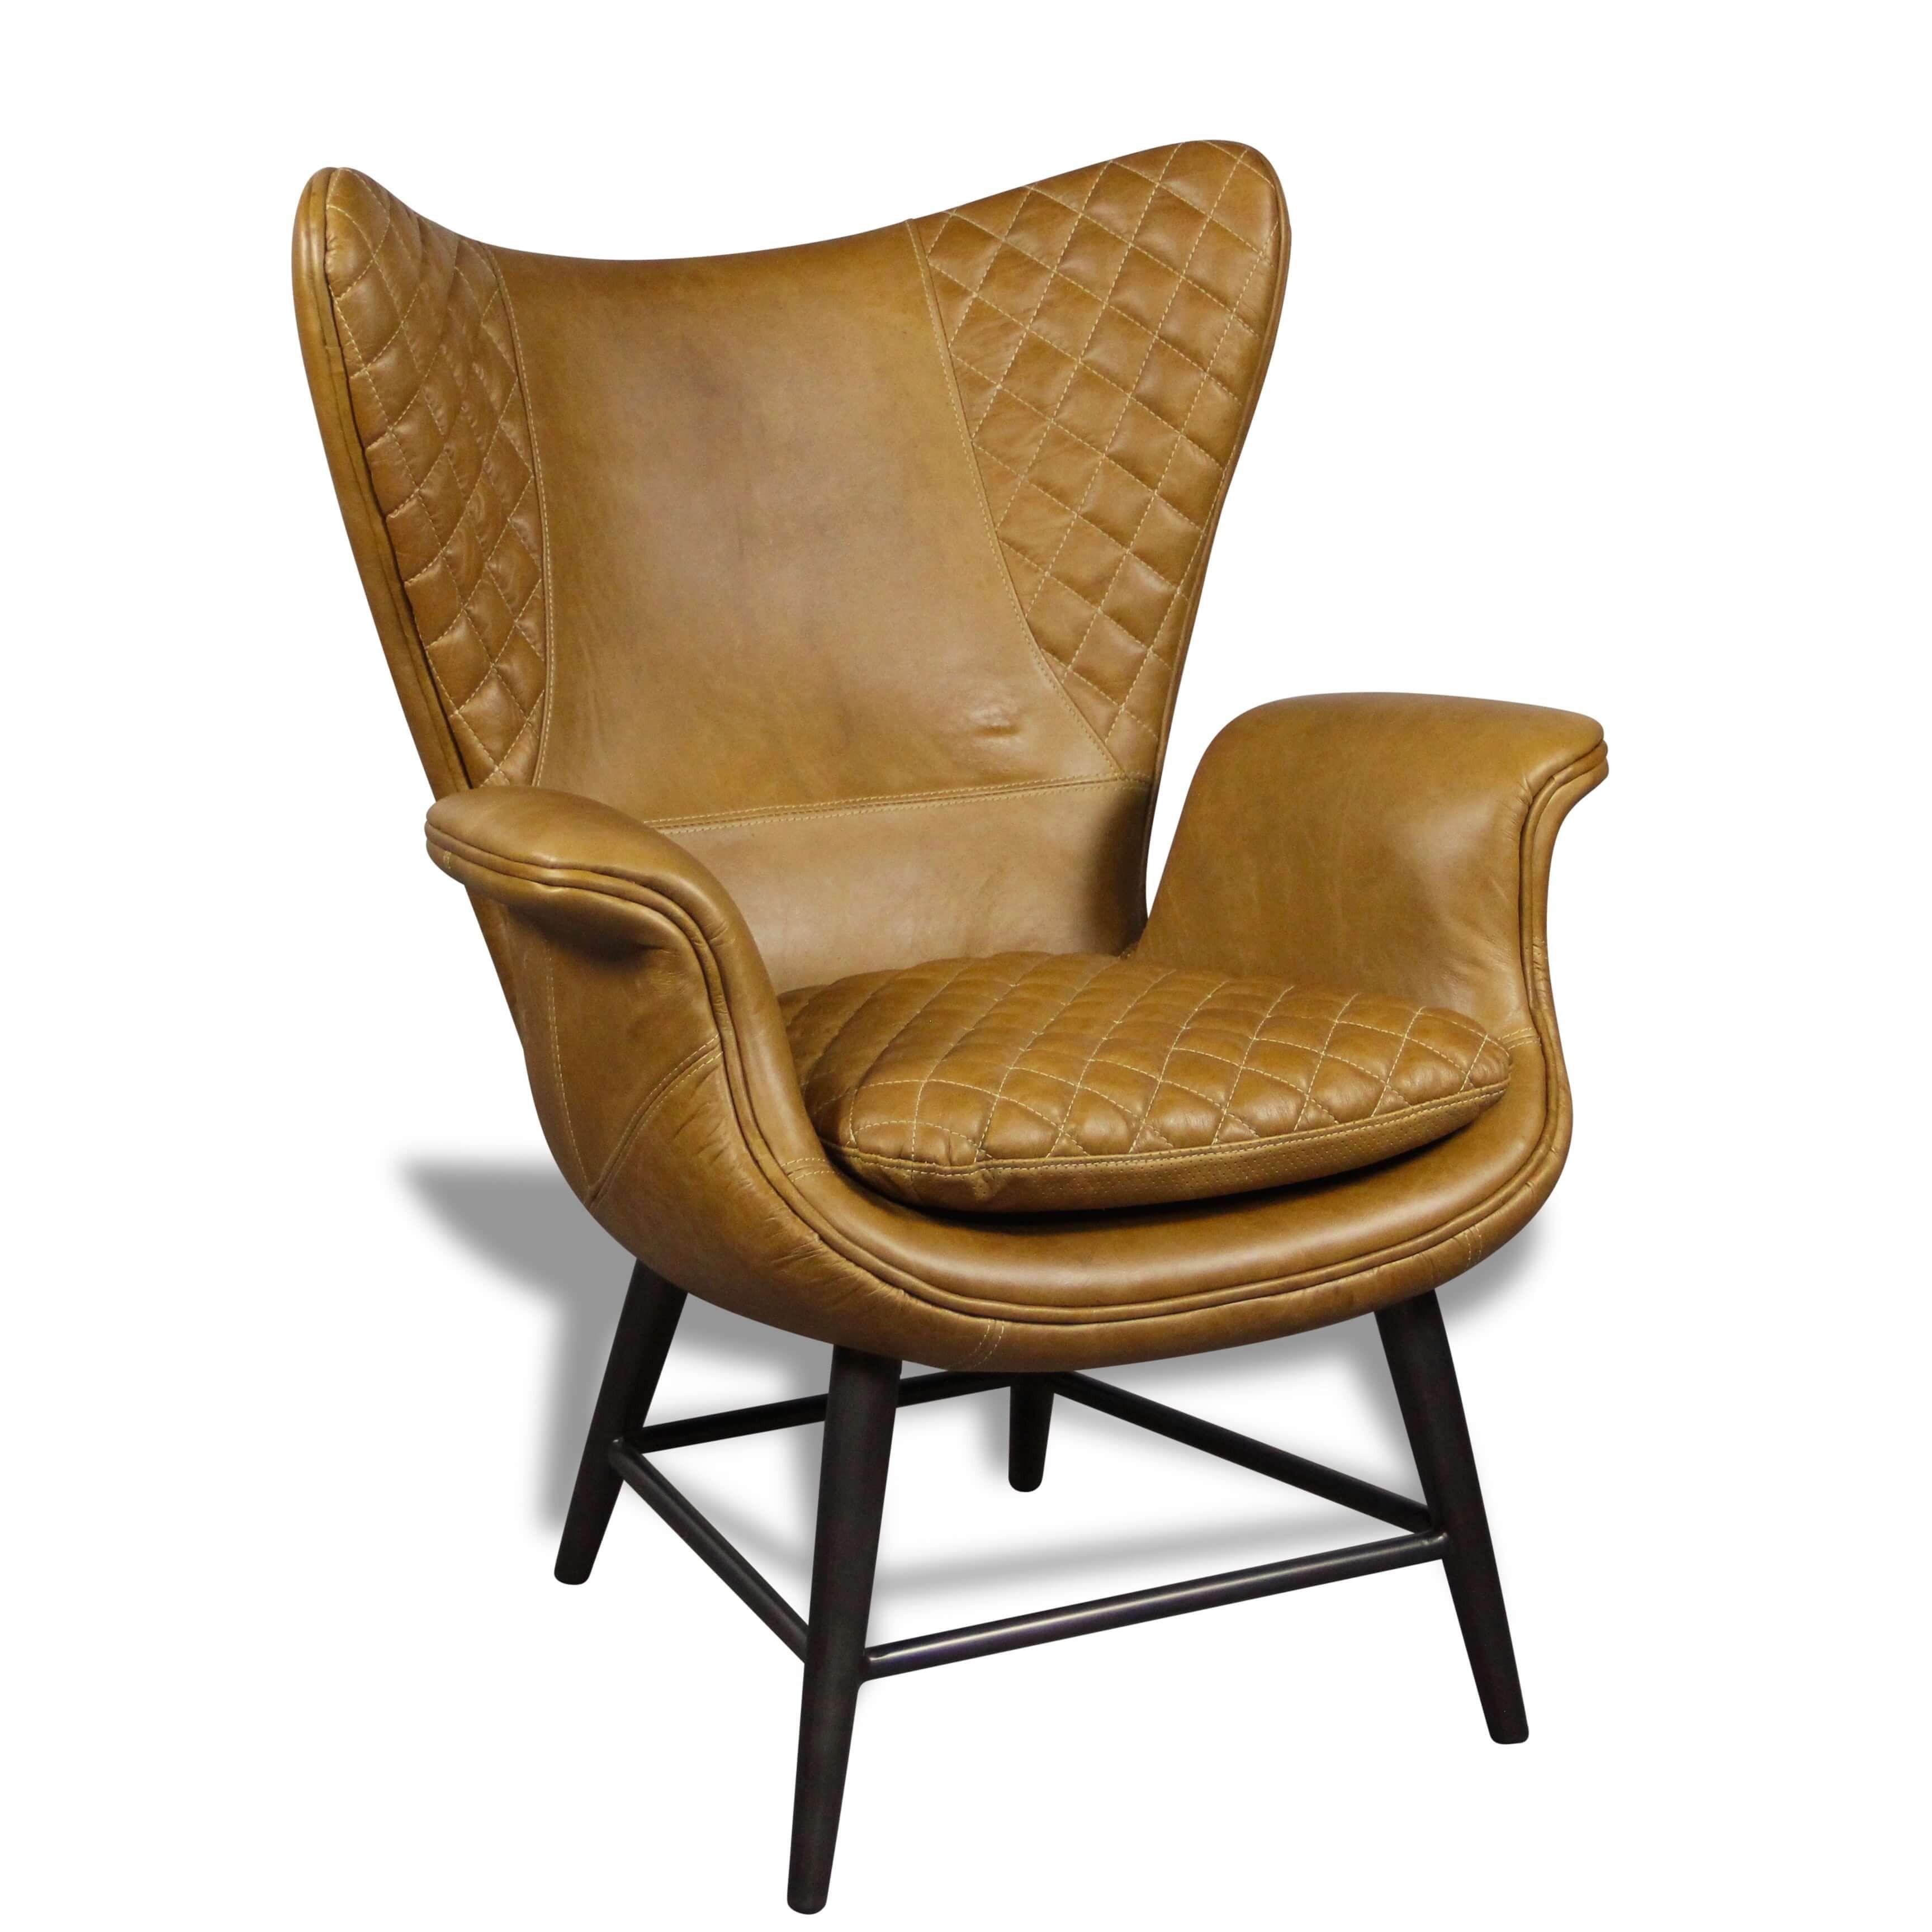 fauteuil design en cuir marron clair vintage oreilles et. Black Bedroom Furniture Sets. Home Design Ideas